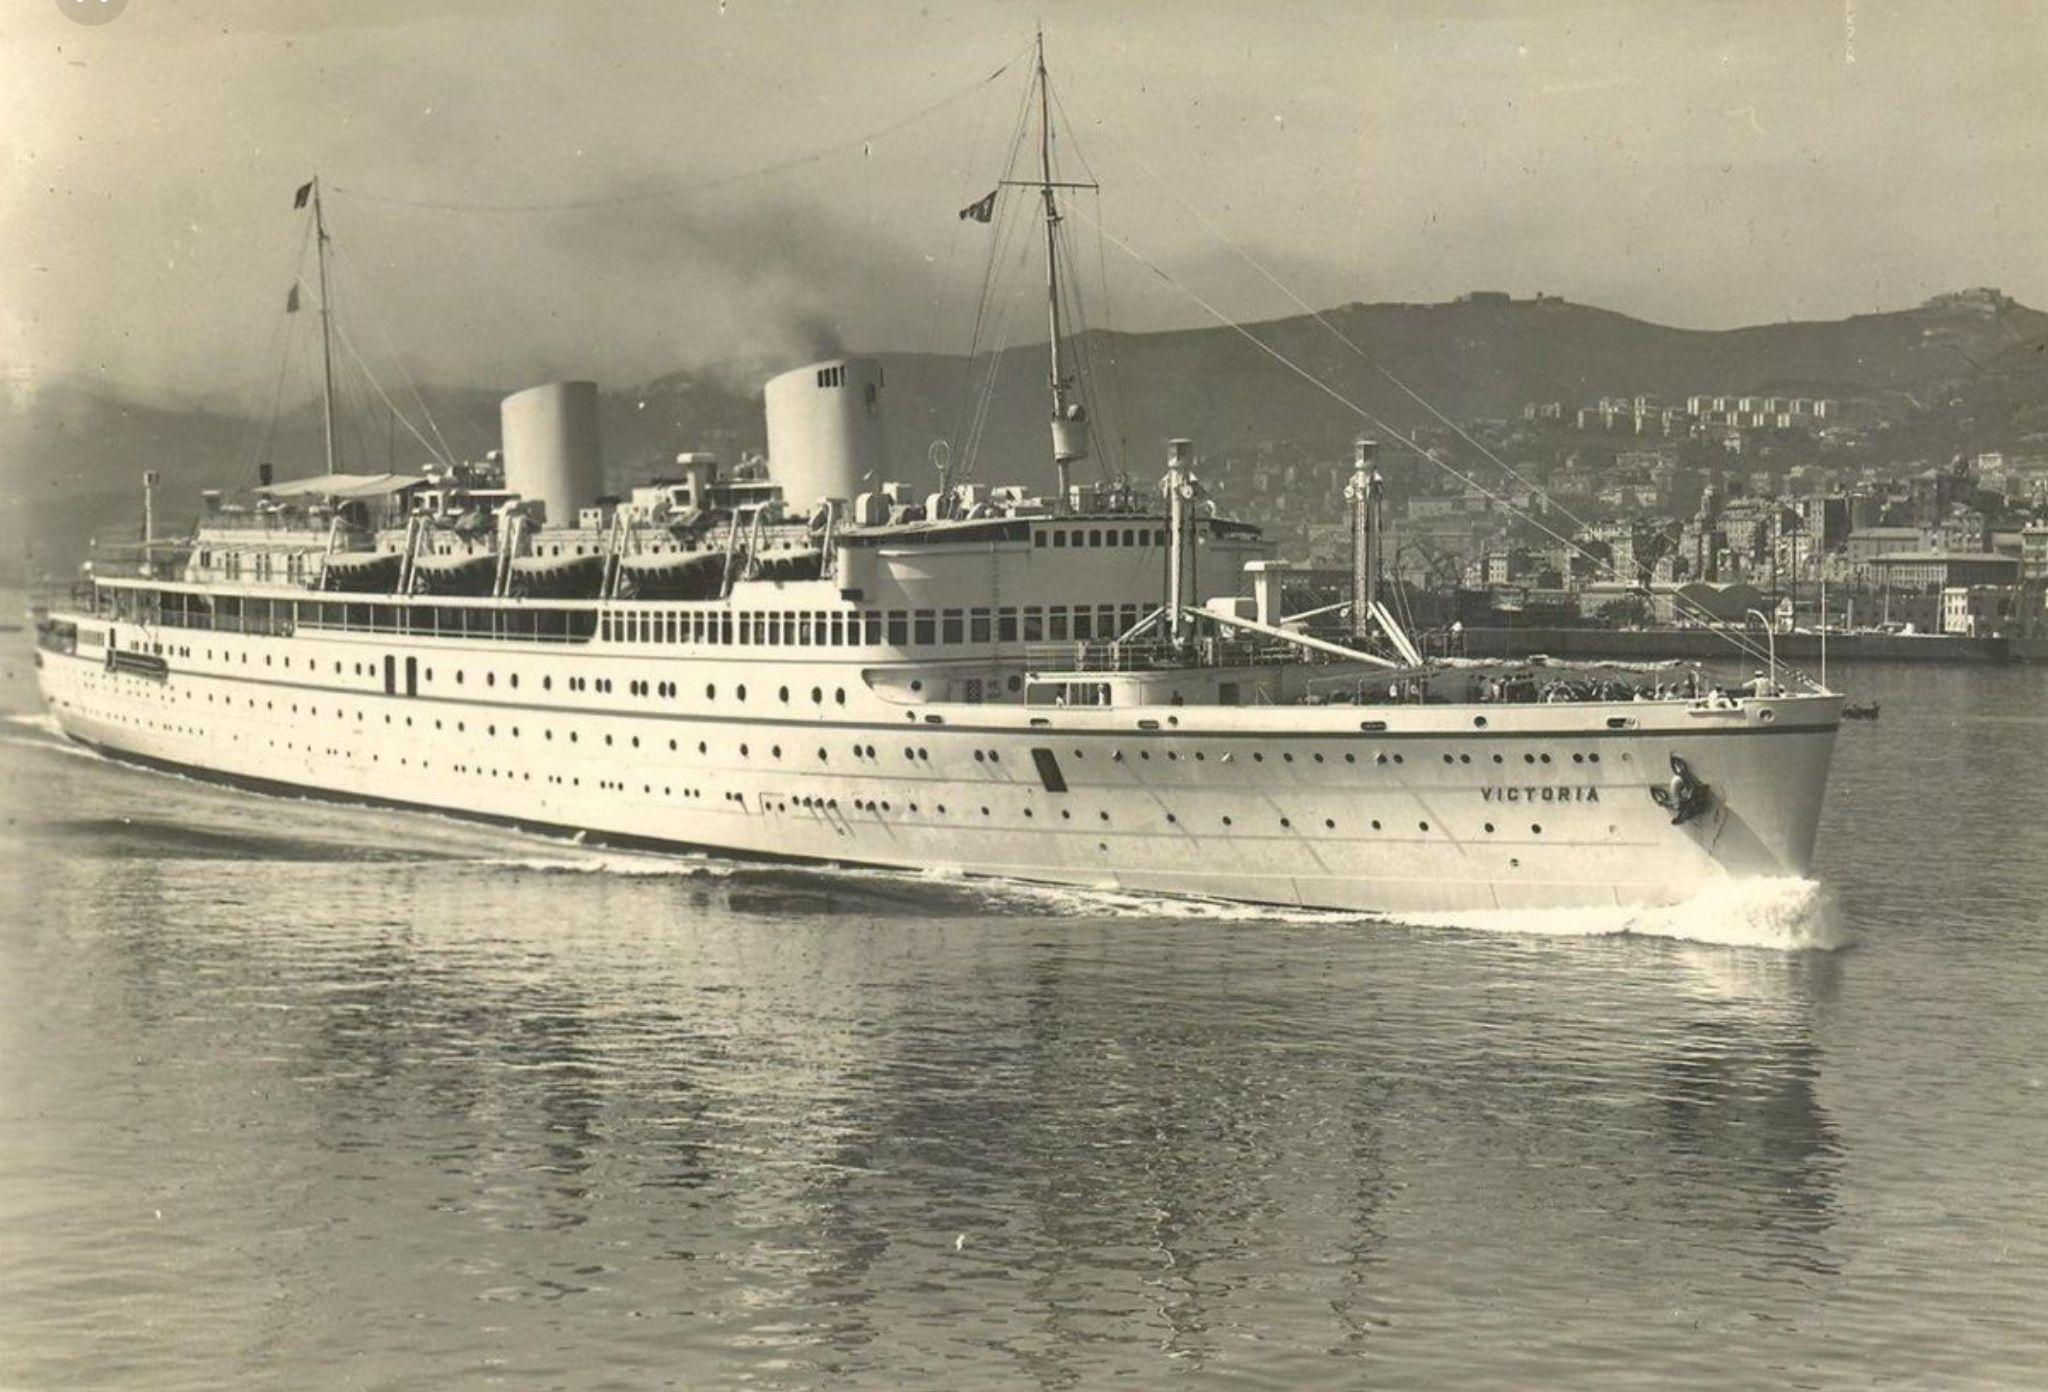 такого цвета характеристики лайнеров хх века фото типичность места собеседования